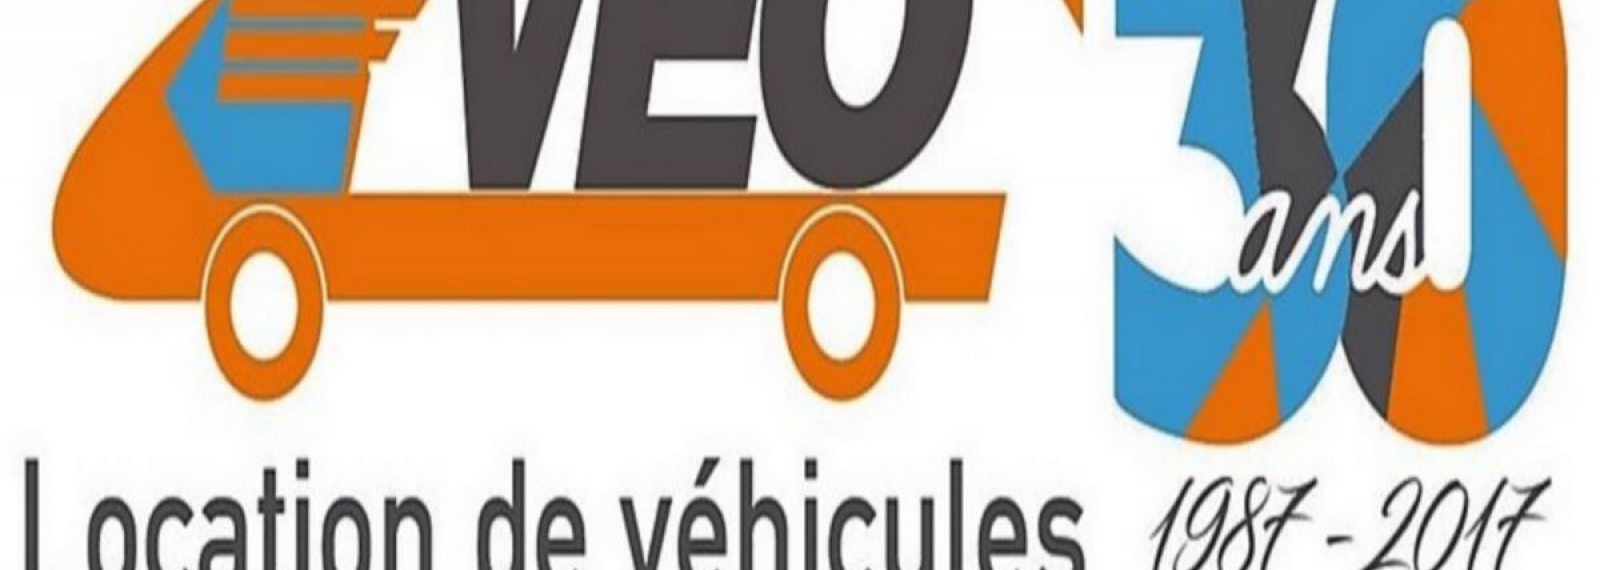 VEO - Location de véhicules